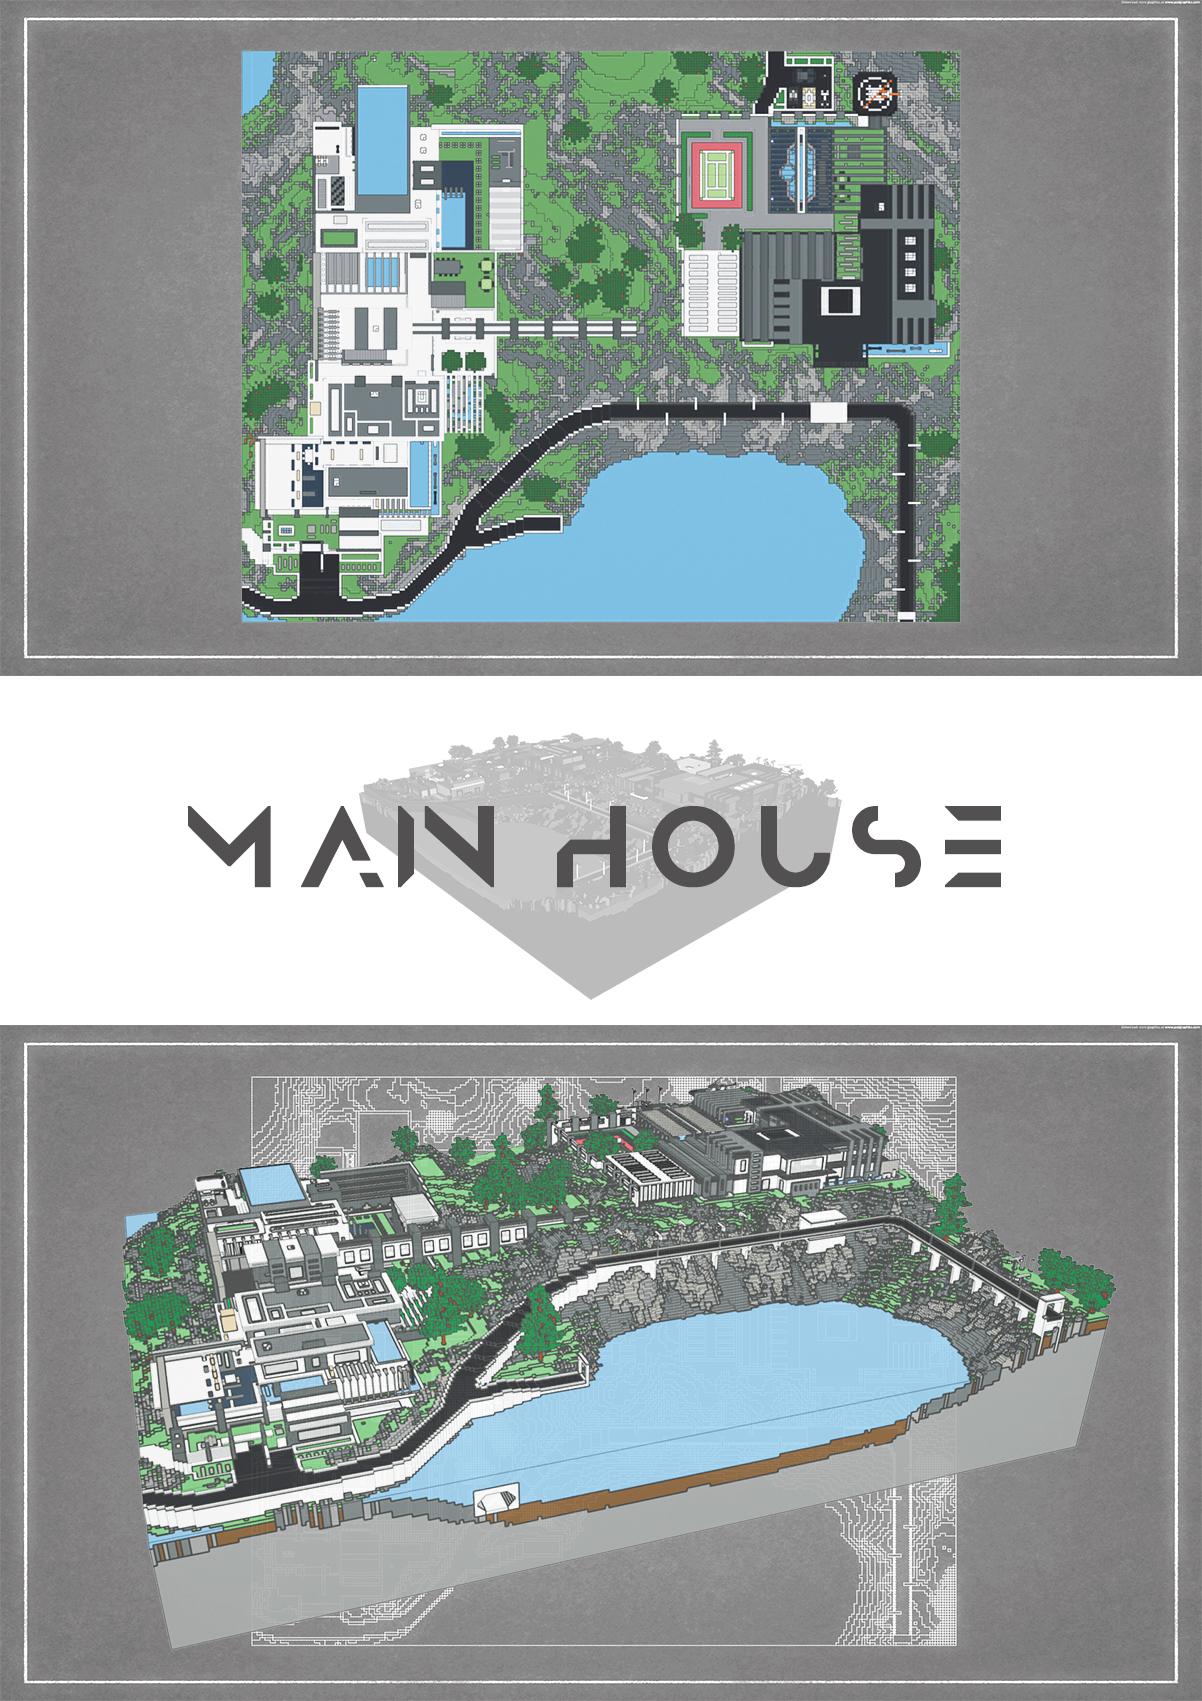 【我的家园现代建筑群】海岛v家园世界--源梦岛育别墅龙别墅图片